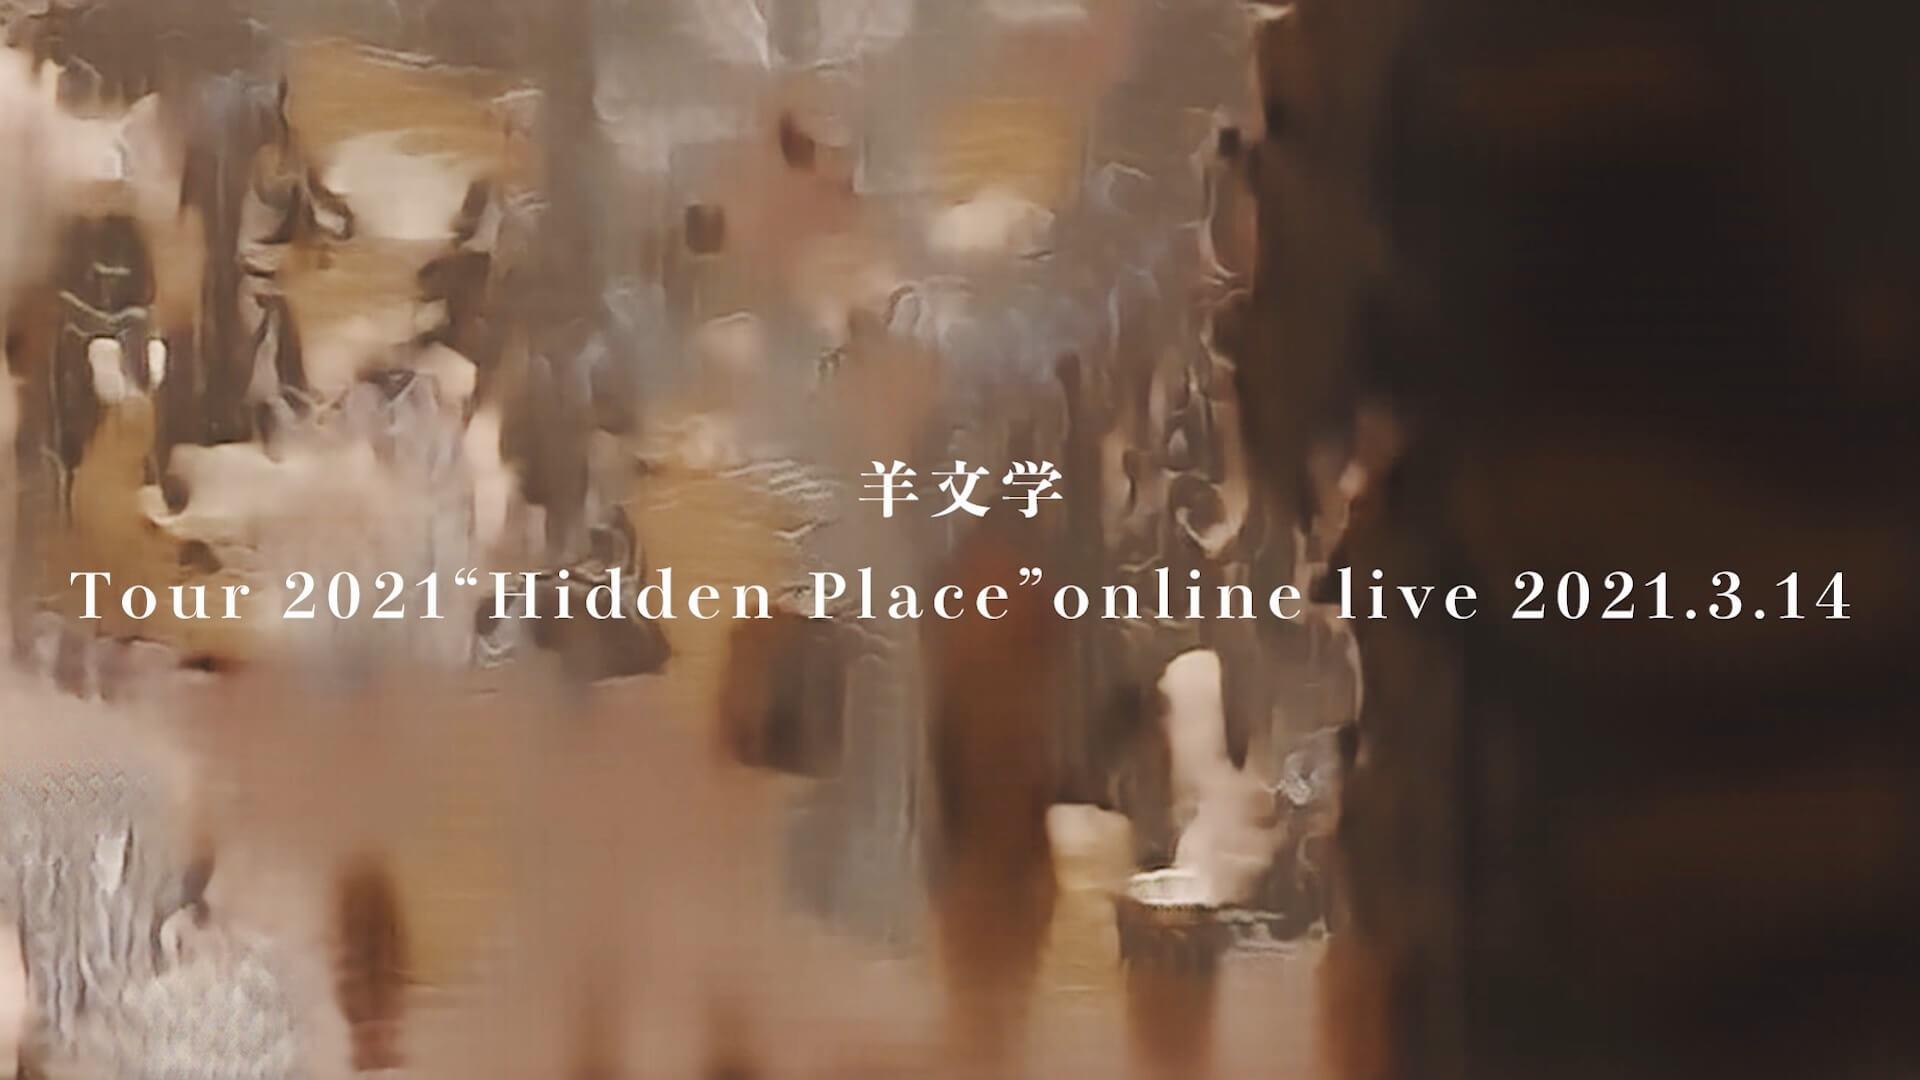 """羊文学初の映像作品『羊文学 Tour 2021 """"Hidden Place"""" online live 2021.3.14』のハイライト映像が公開! music210712_hitsujibungaku_2"""